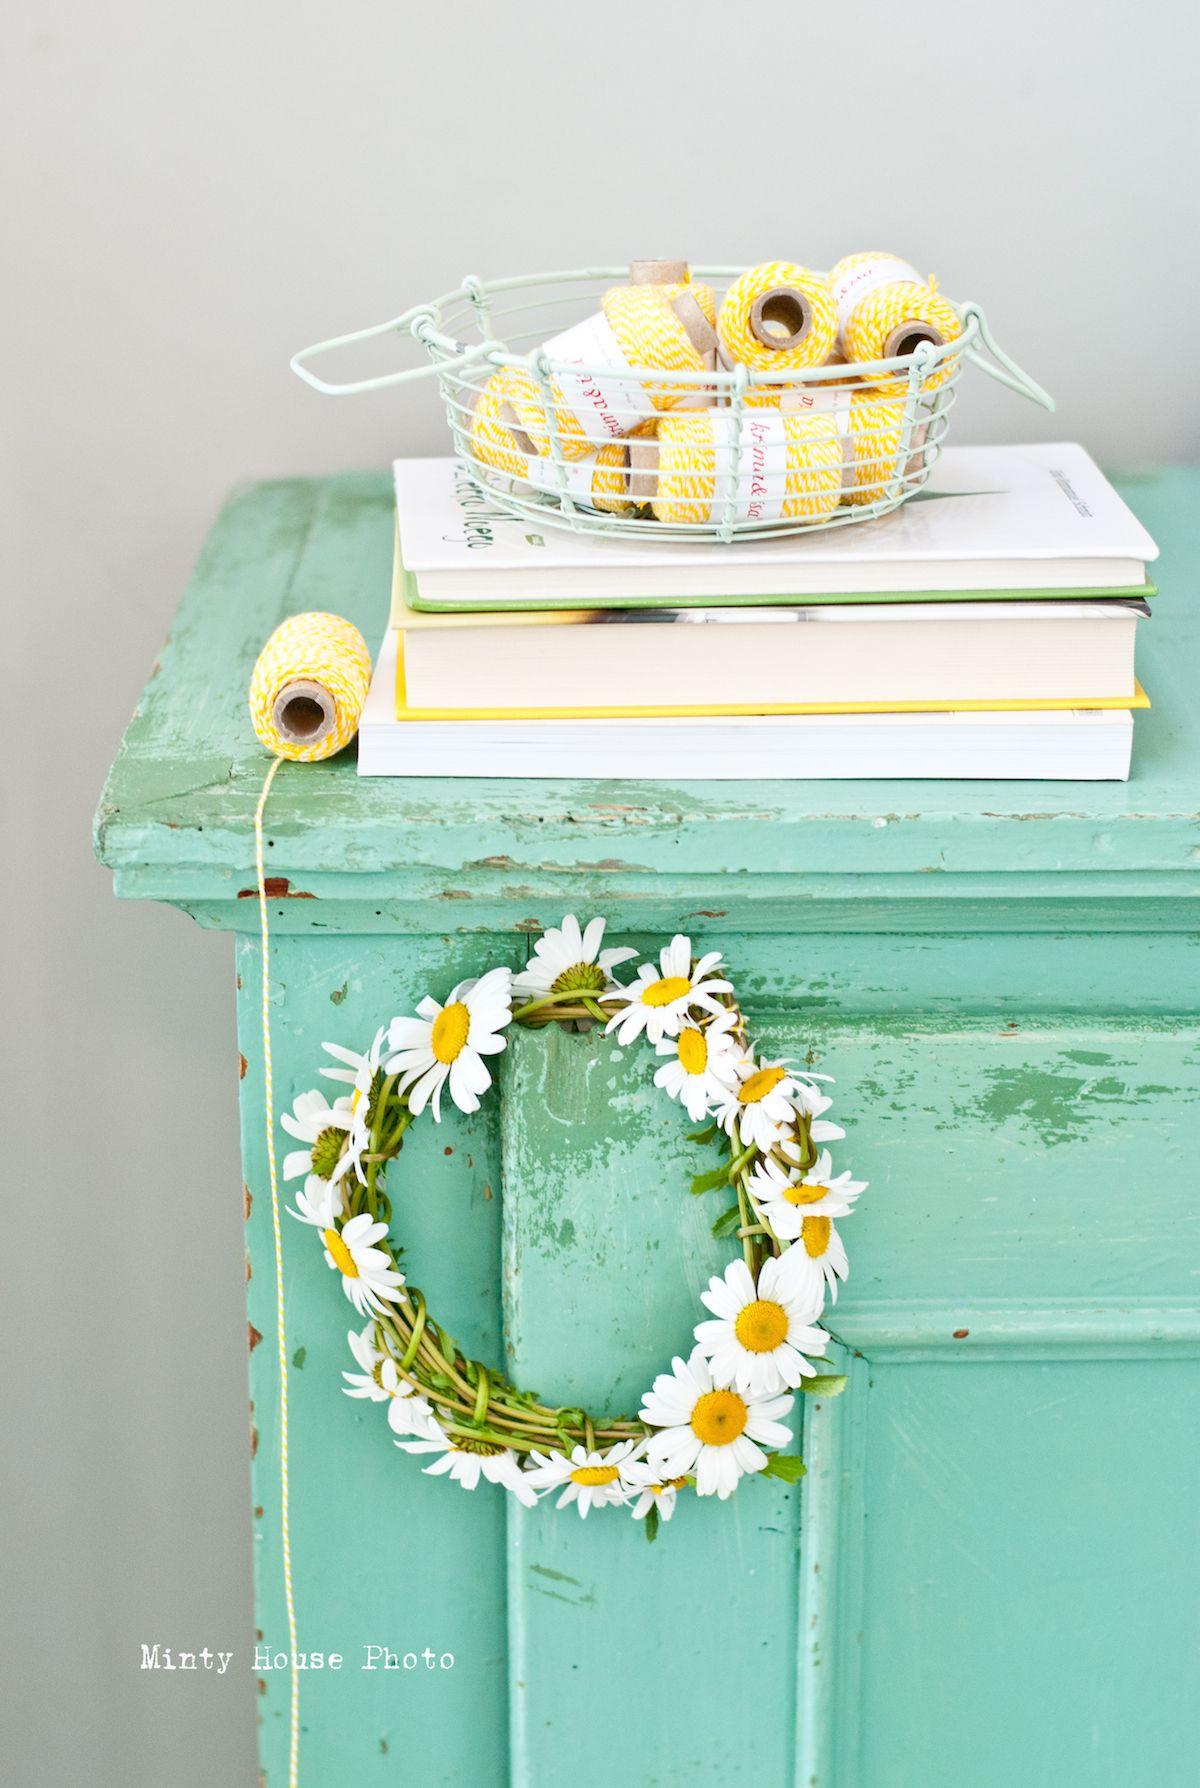 Minty House Photo, minty mint, yellow, twine